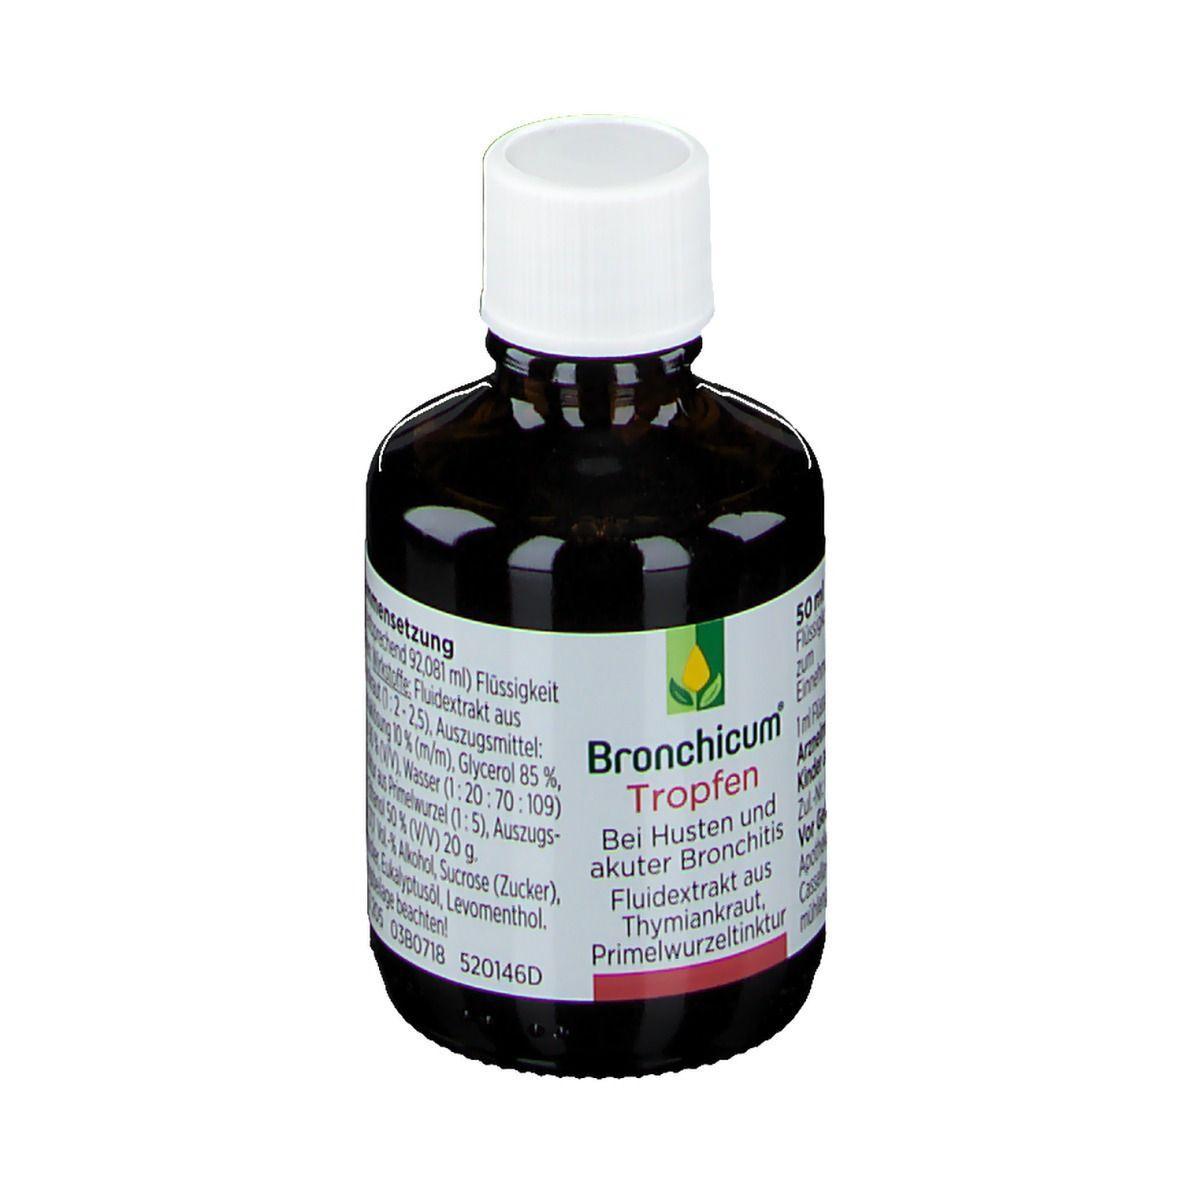 Brochicum